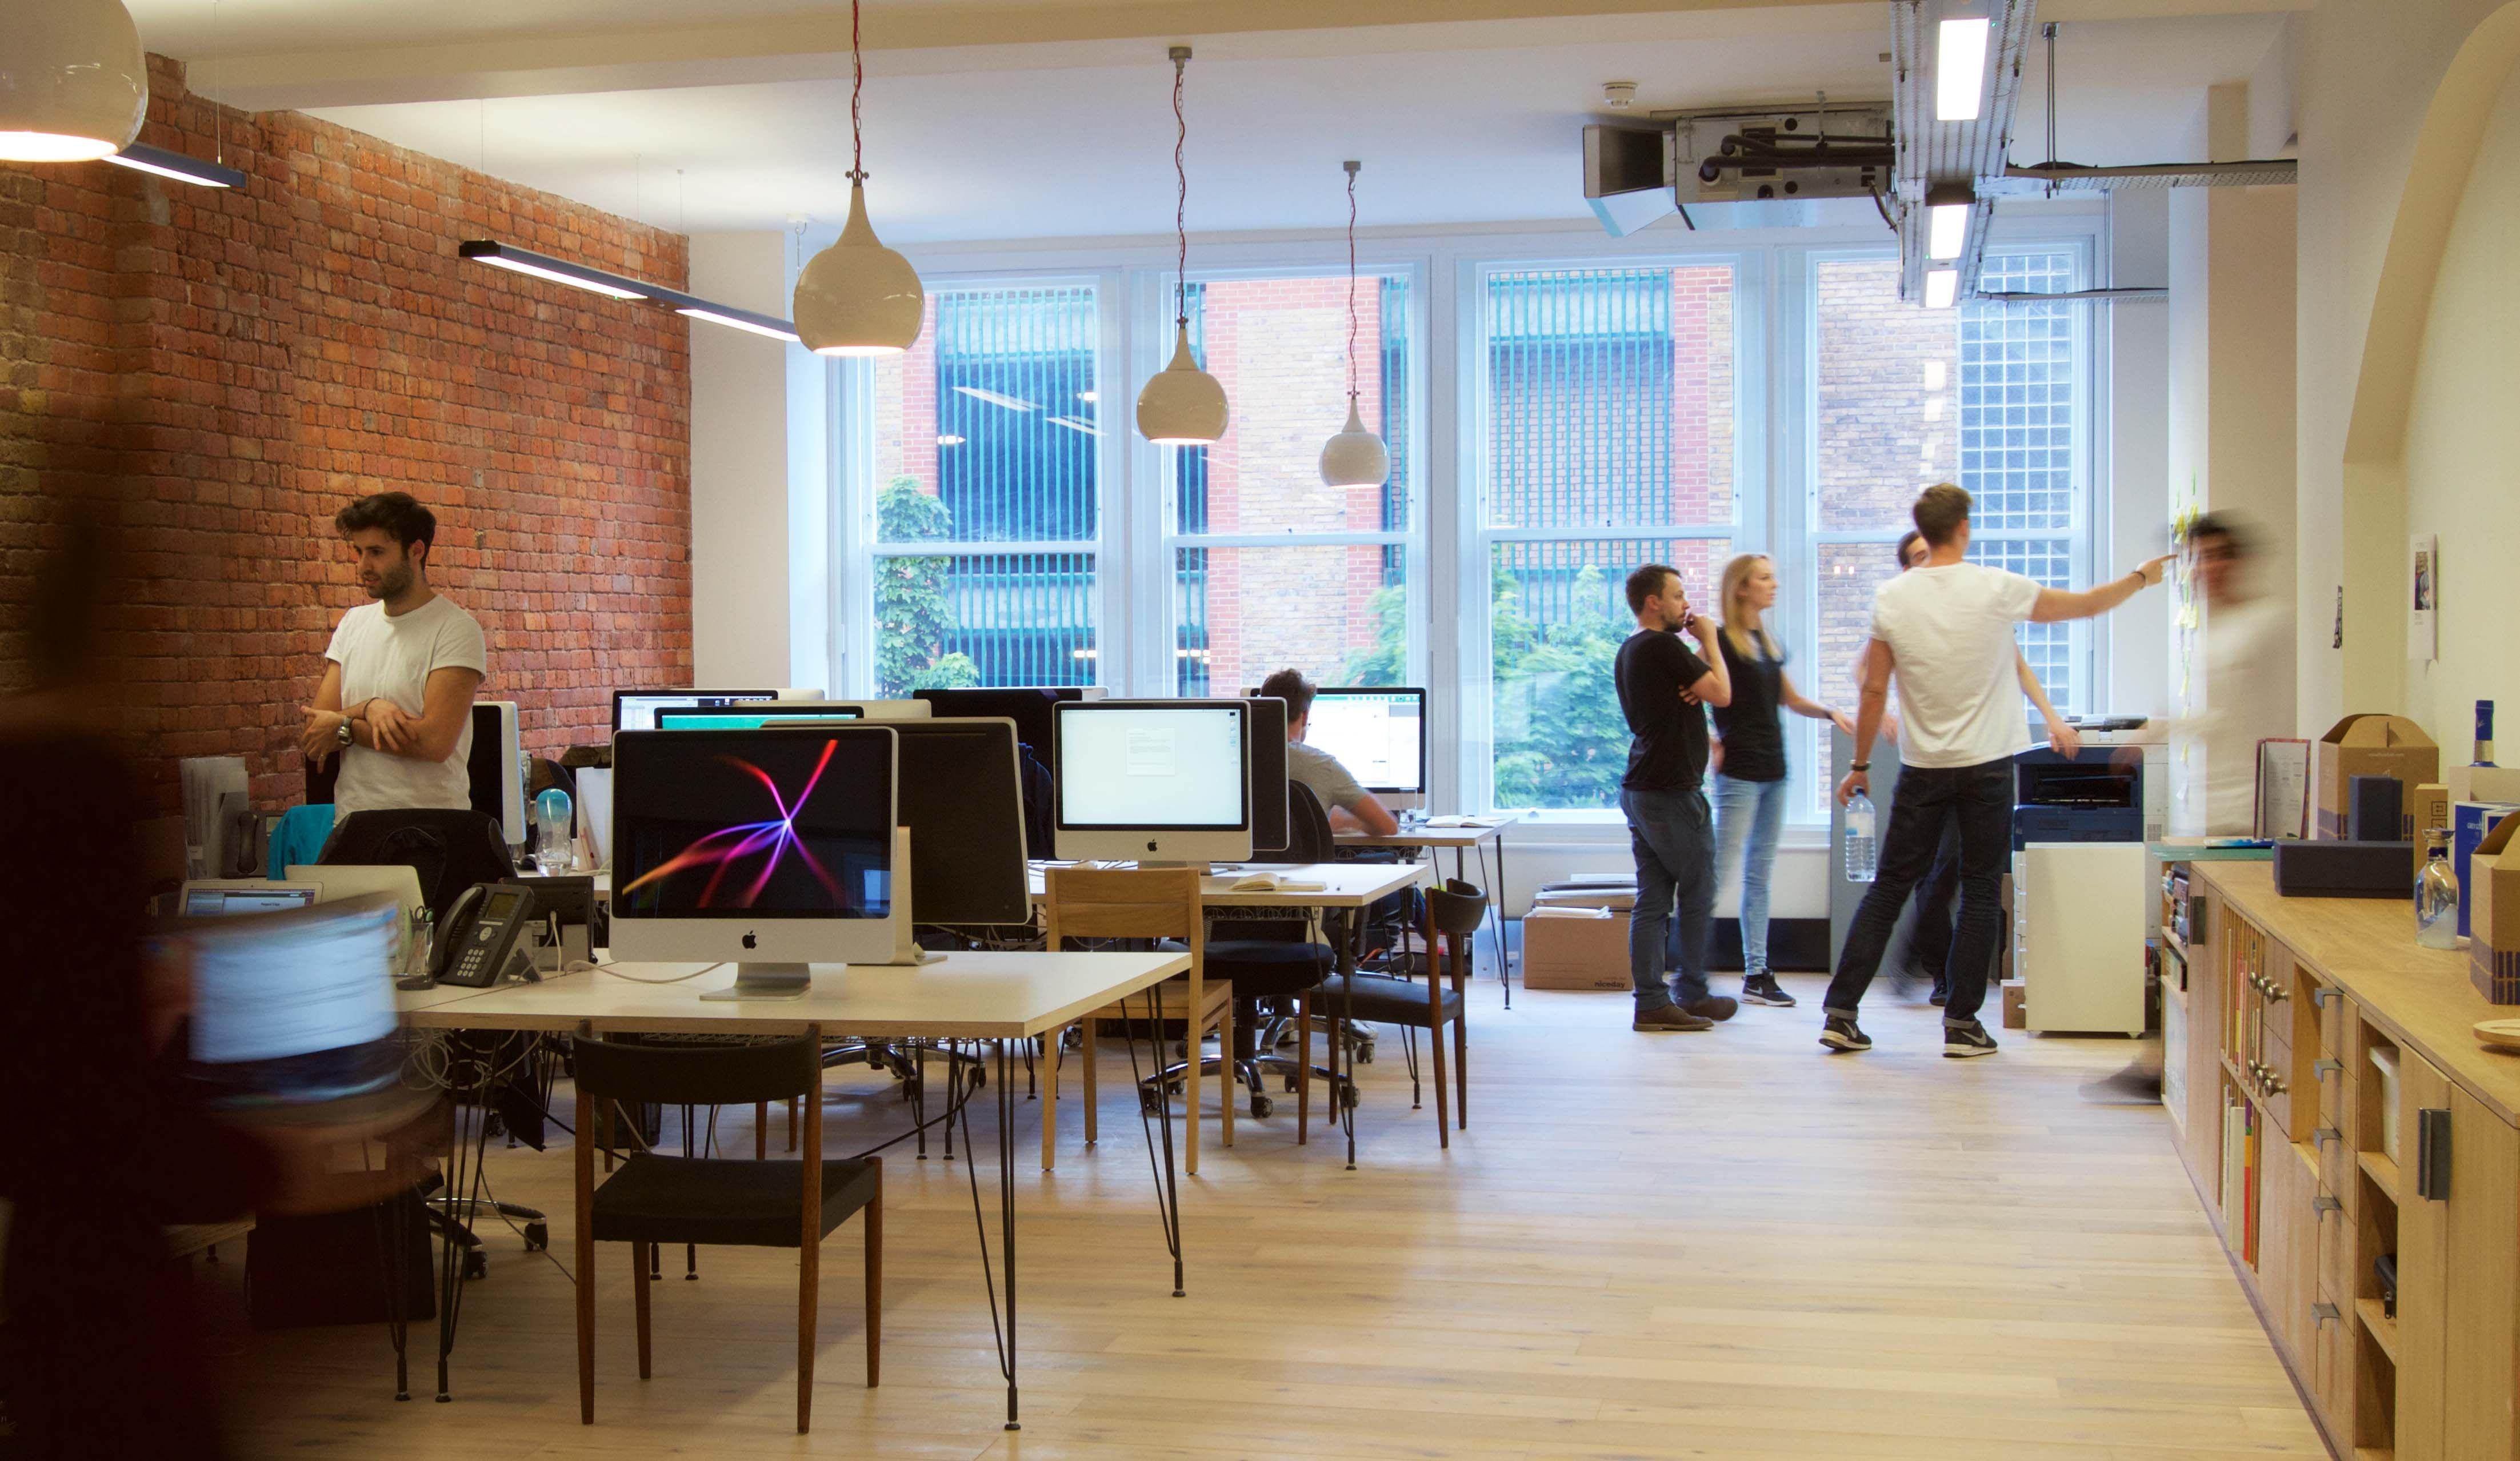 dbcloud office meeting room. Dbcloud Office Meeting Room. Designs Room C D